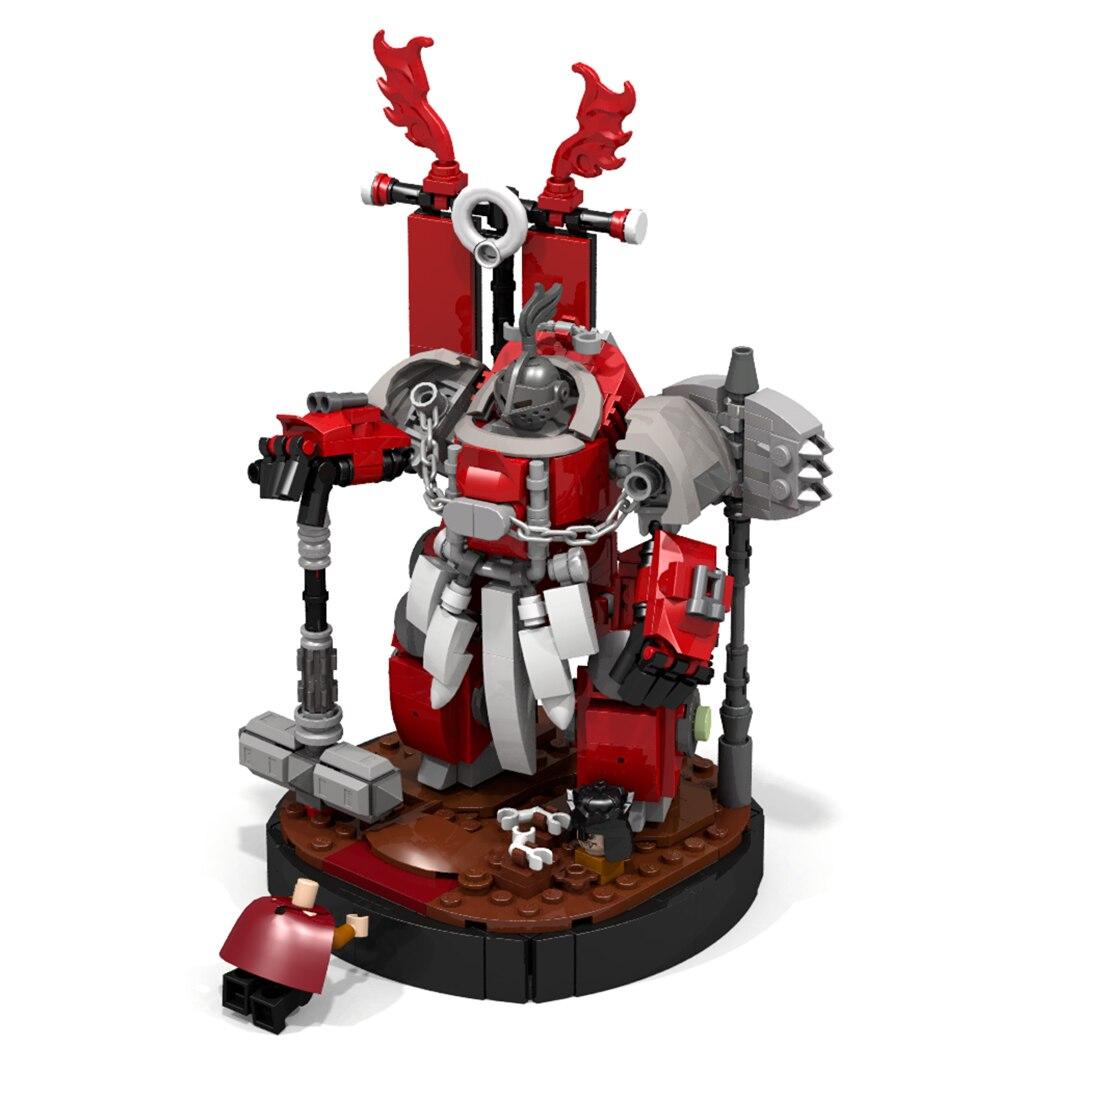 Enfants 469 pièces tige MOC marteau empereur mécha briques petites particules blocs de construction jouet éducatif coffret cadeau